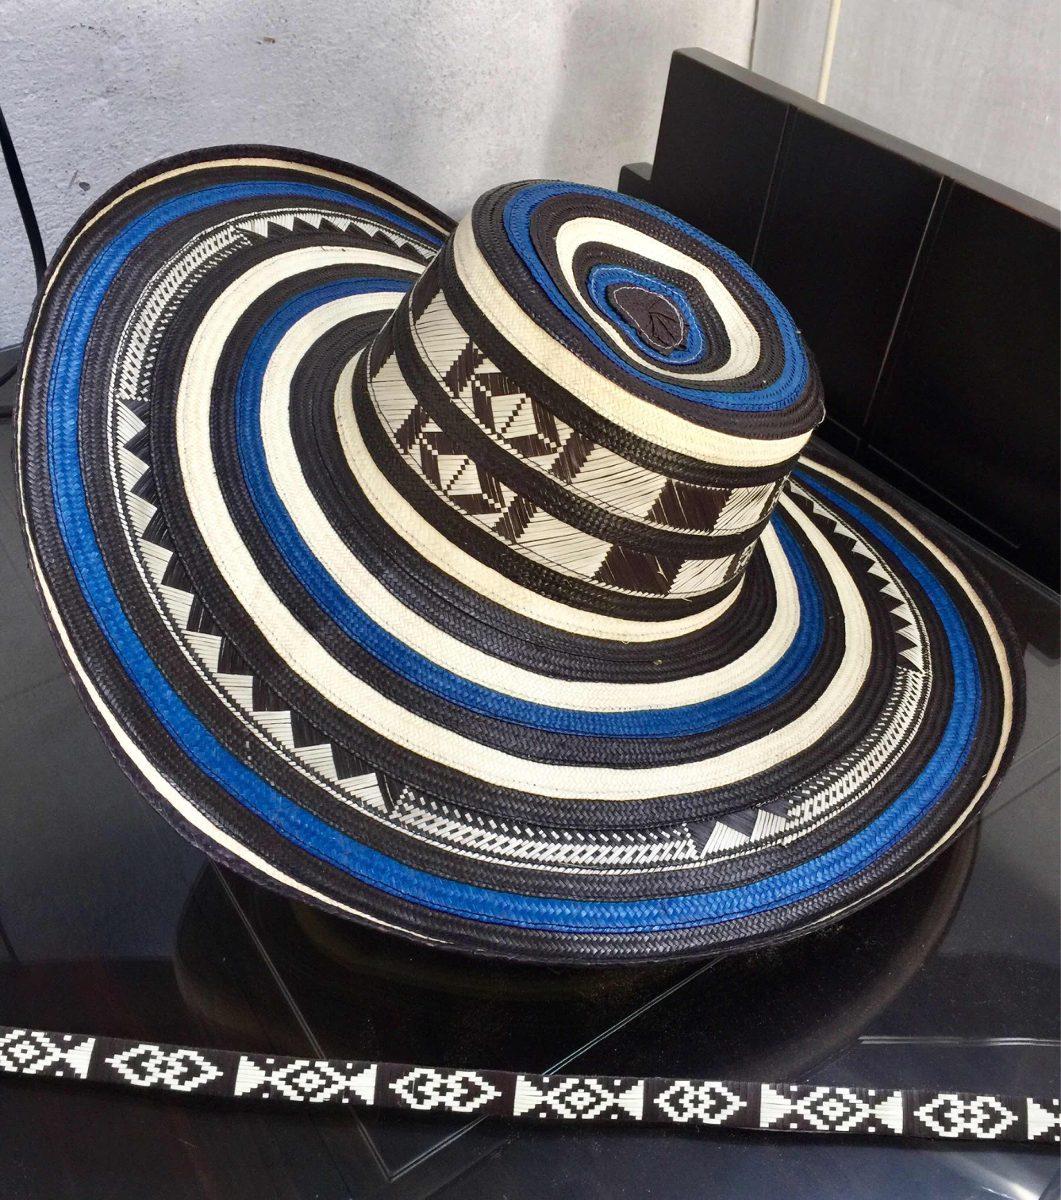 Sombrero Vueltiao Colombiano 19 Vueltas Azul Y Cinto -   979.00 en ... 8a76e17a9c1